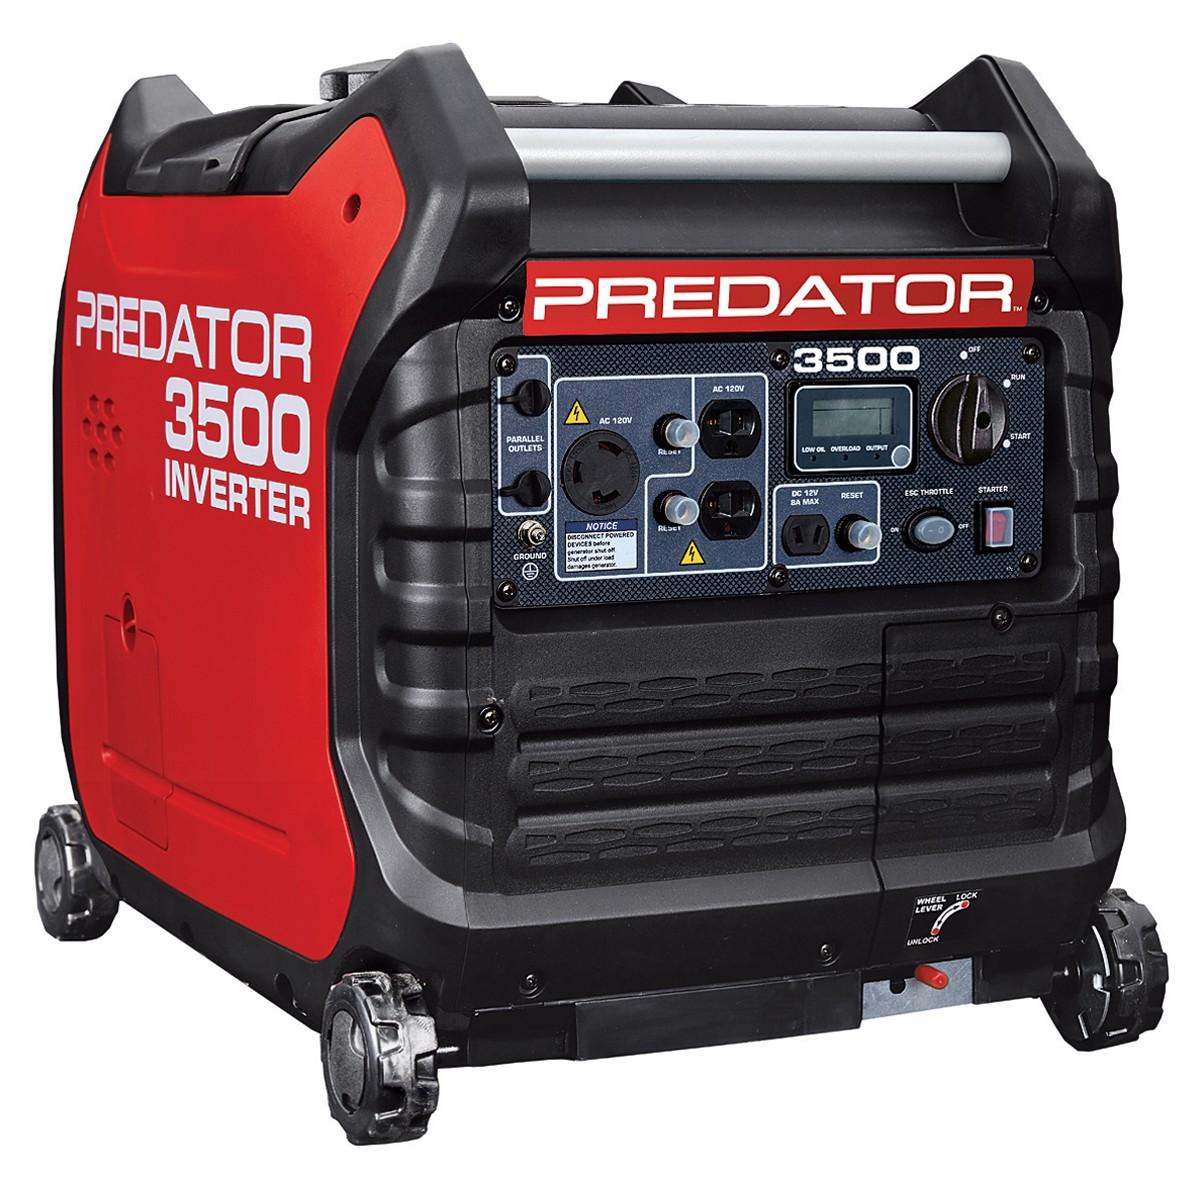 HF 3500W inverter generator $660 w/coupon